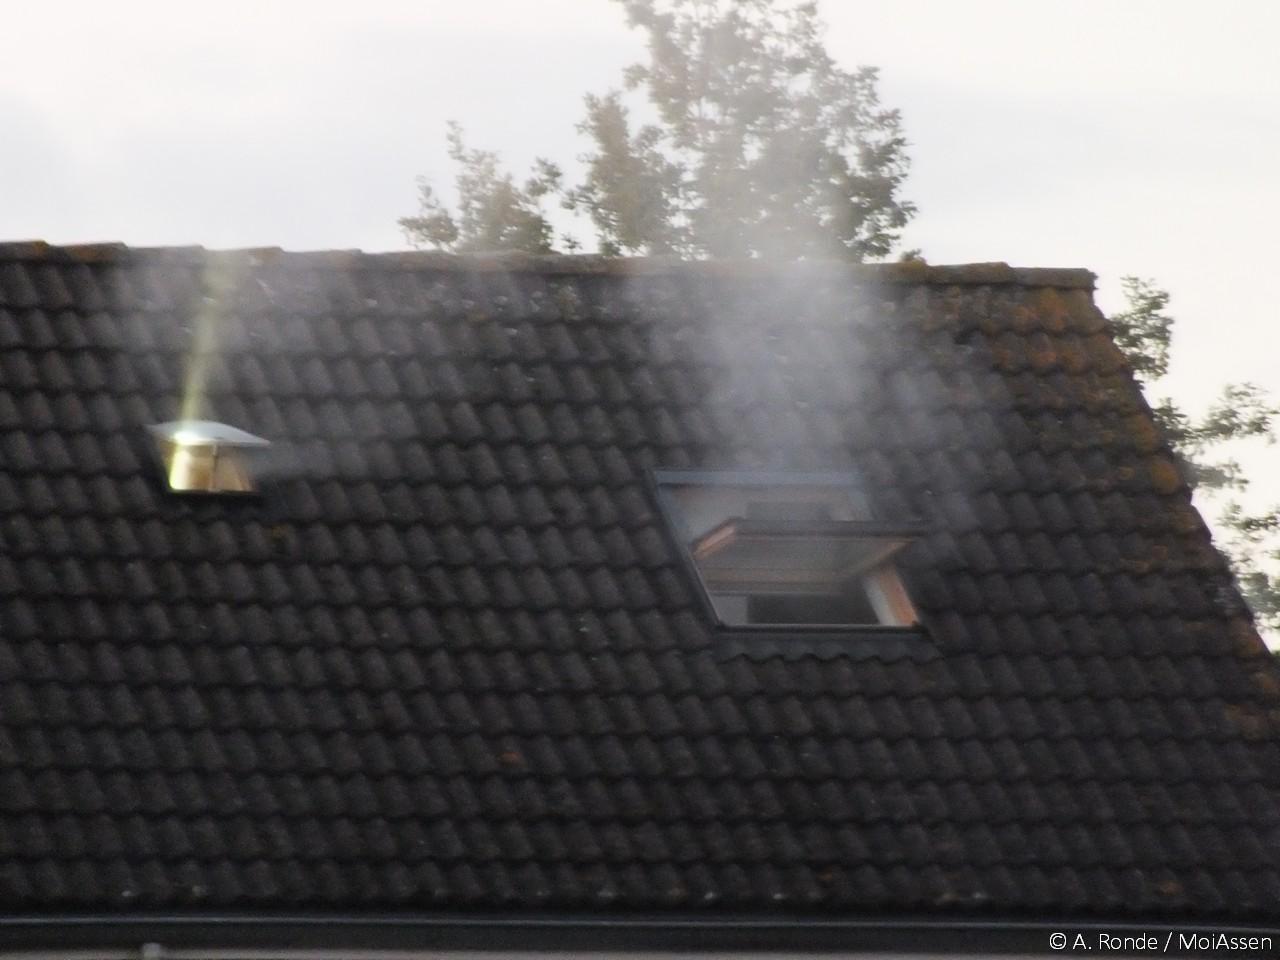 Video: Zolderbrand Markedreef Assen door wasmachine